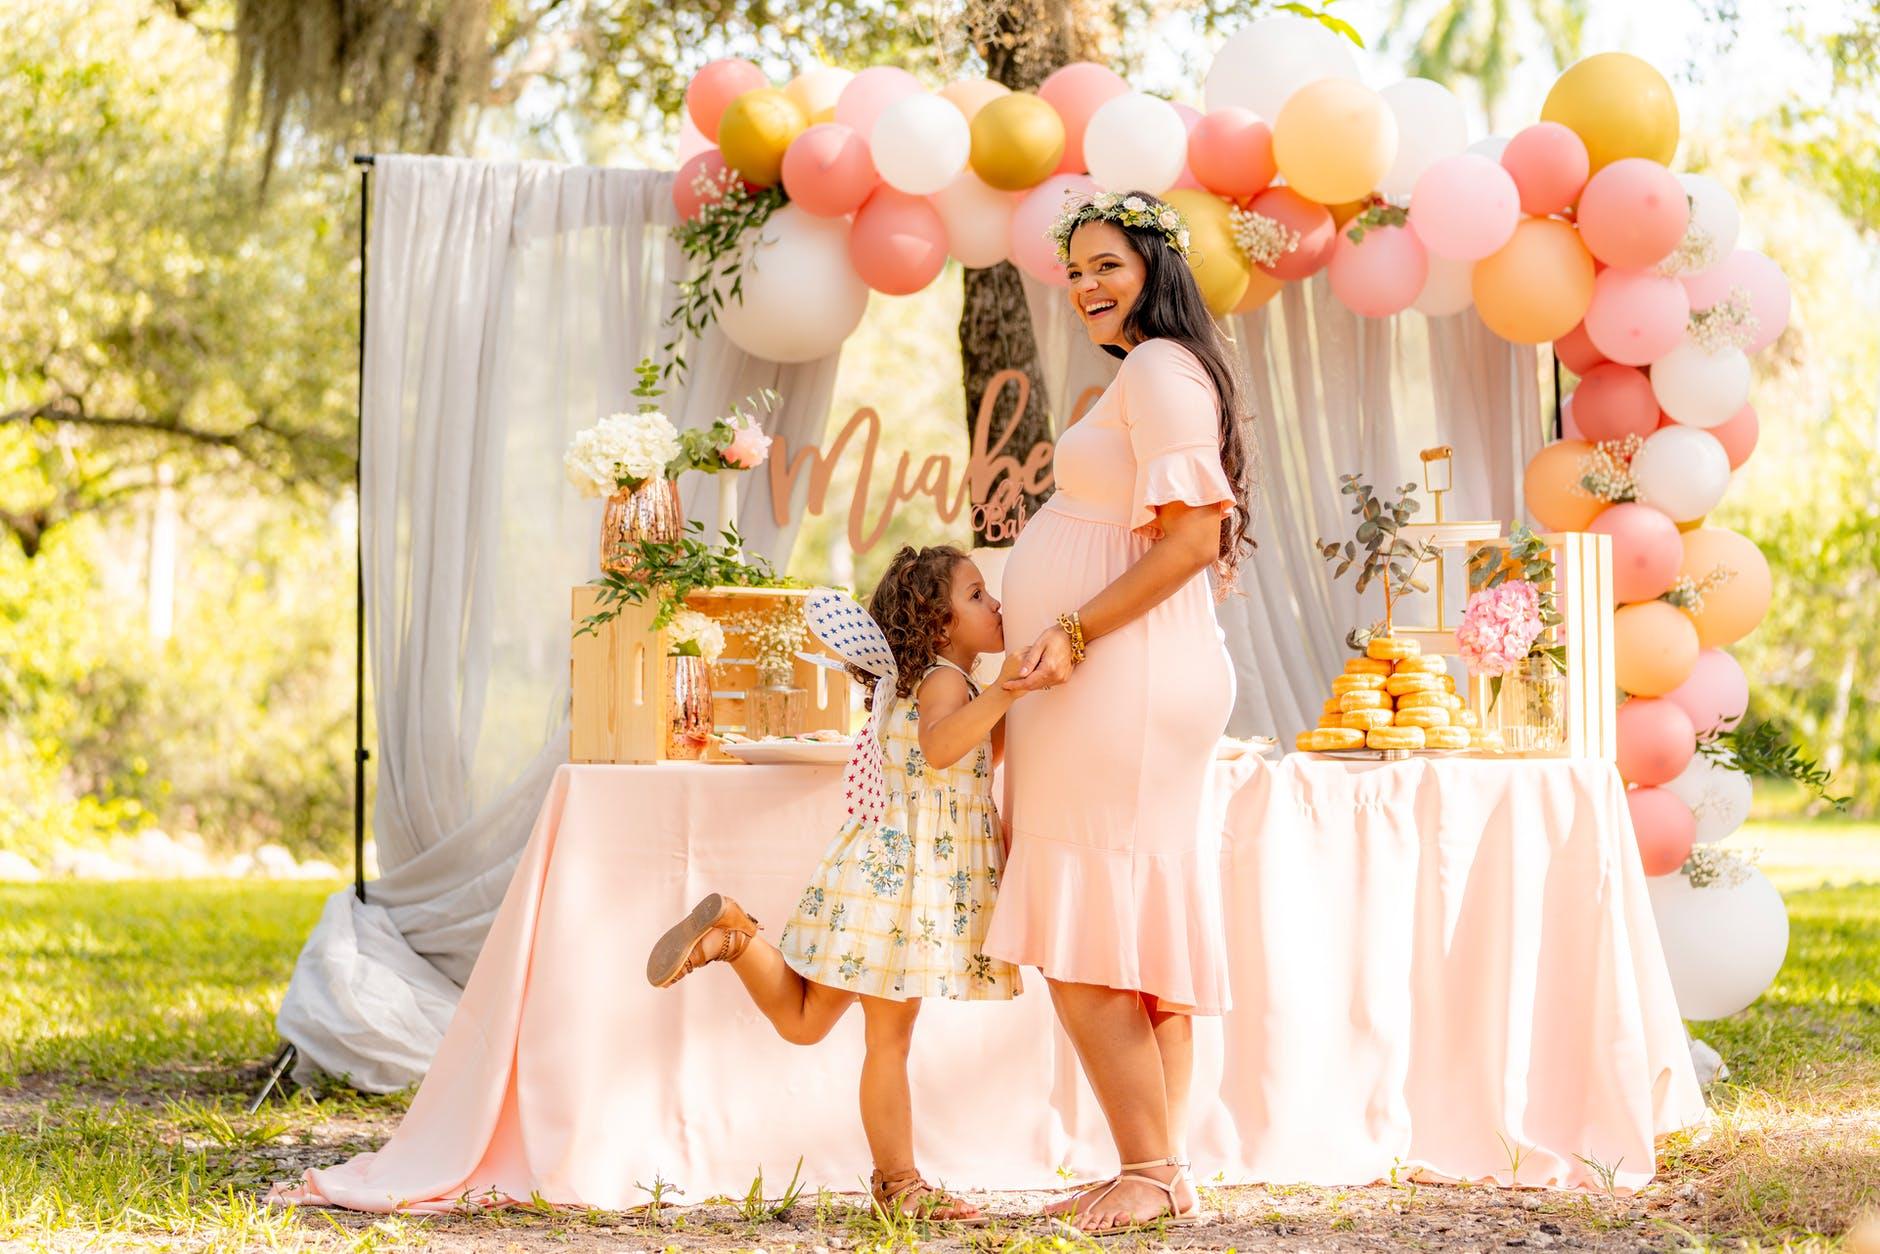 Il est important de faire une jolie décoration pour une baby shower.